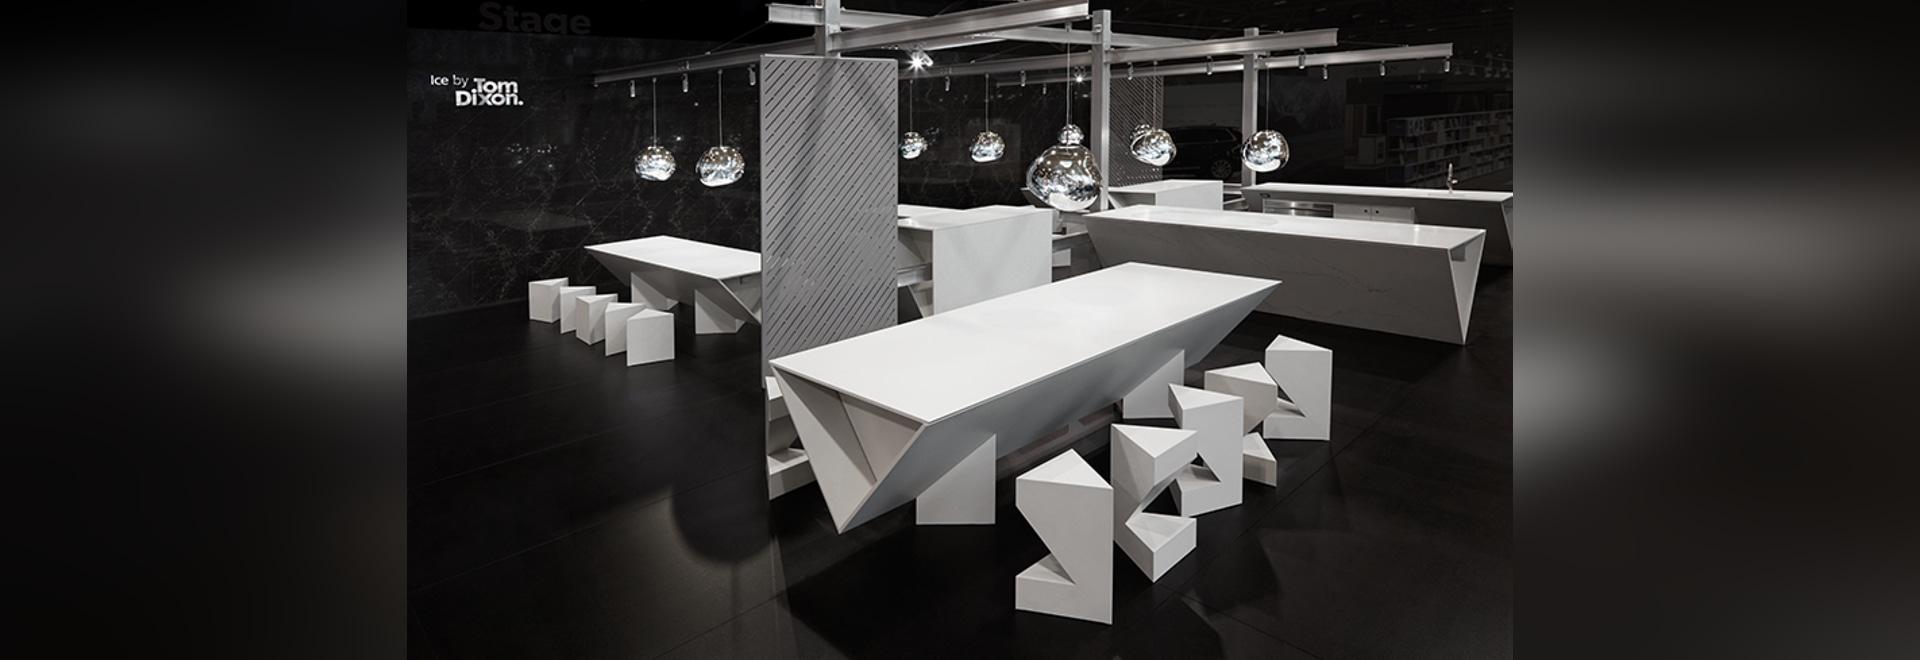 Tom Dixon sculpts EIS-Kücheinstallation für caesarstone an ...